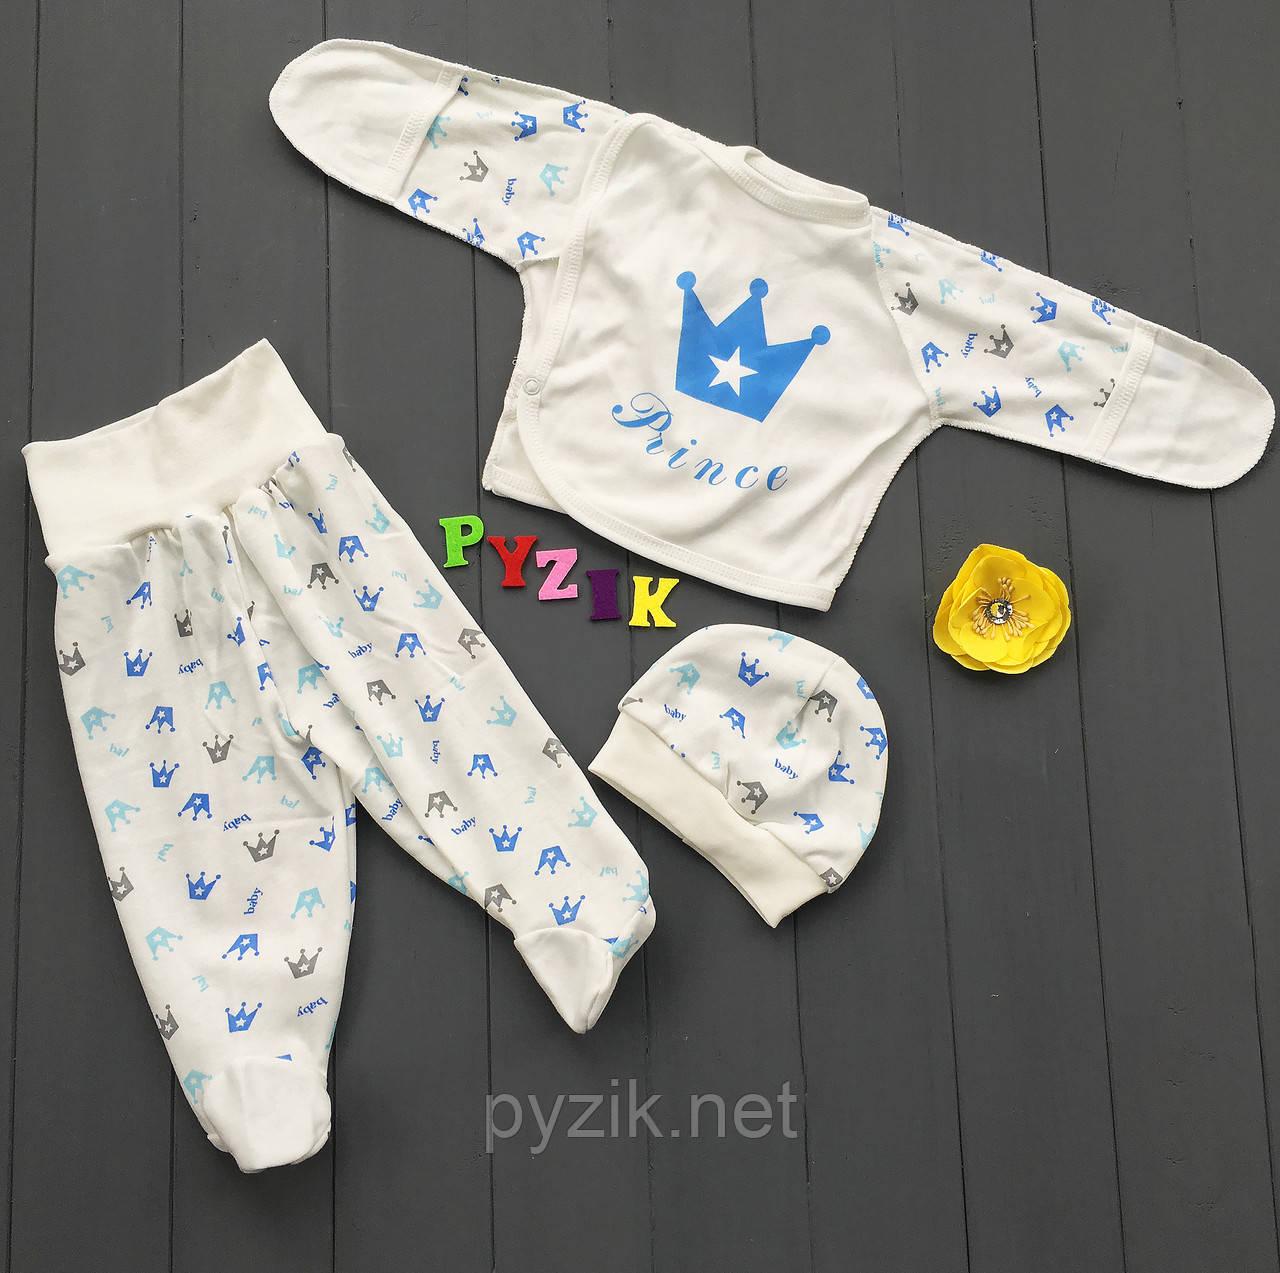 Комплект для новорожденного (распашонка+ползунки+шапочка) Prince 56 р